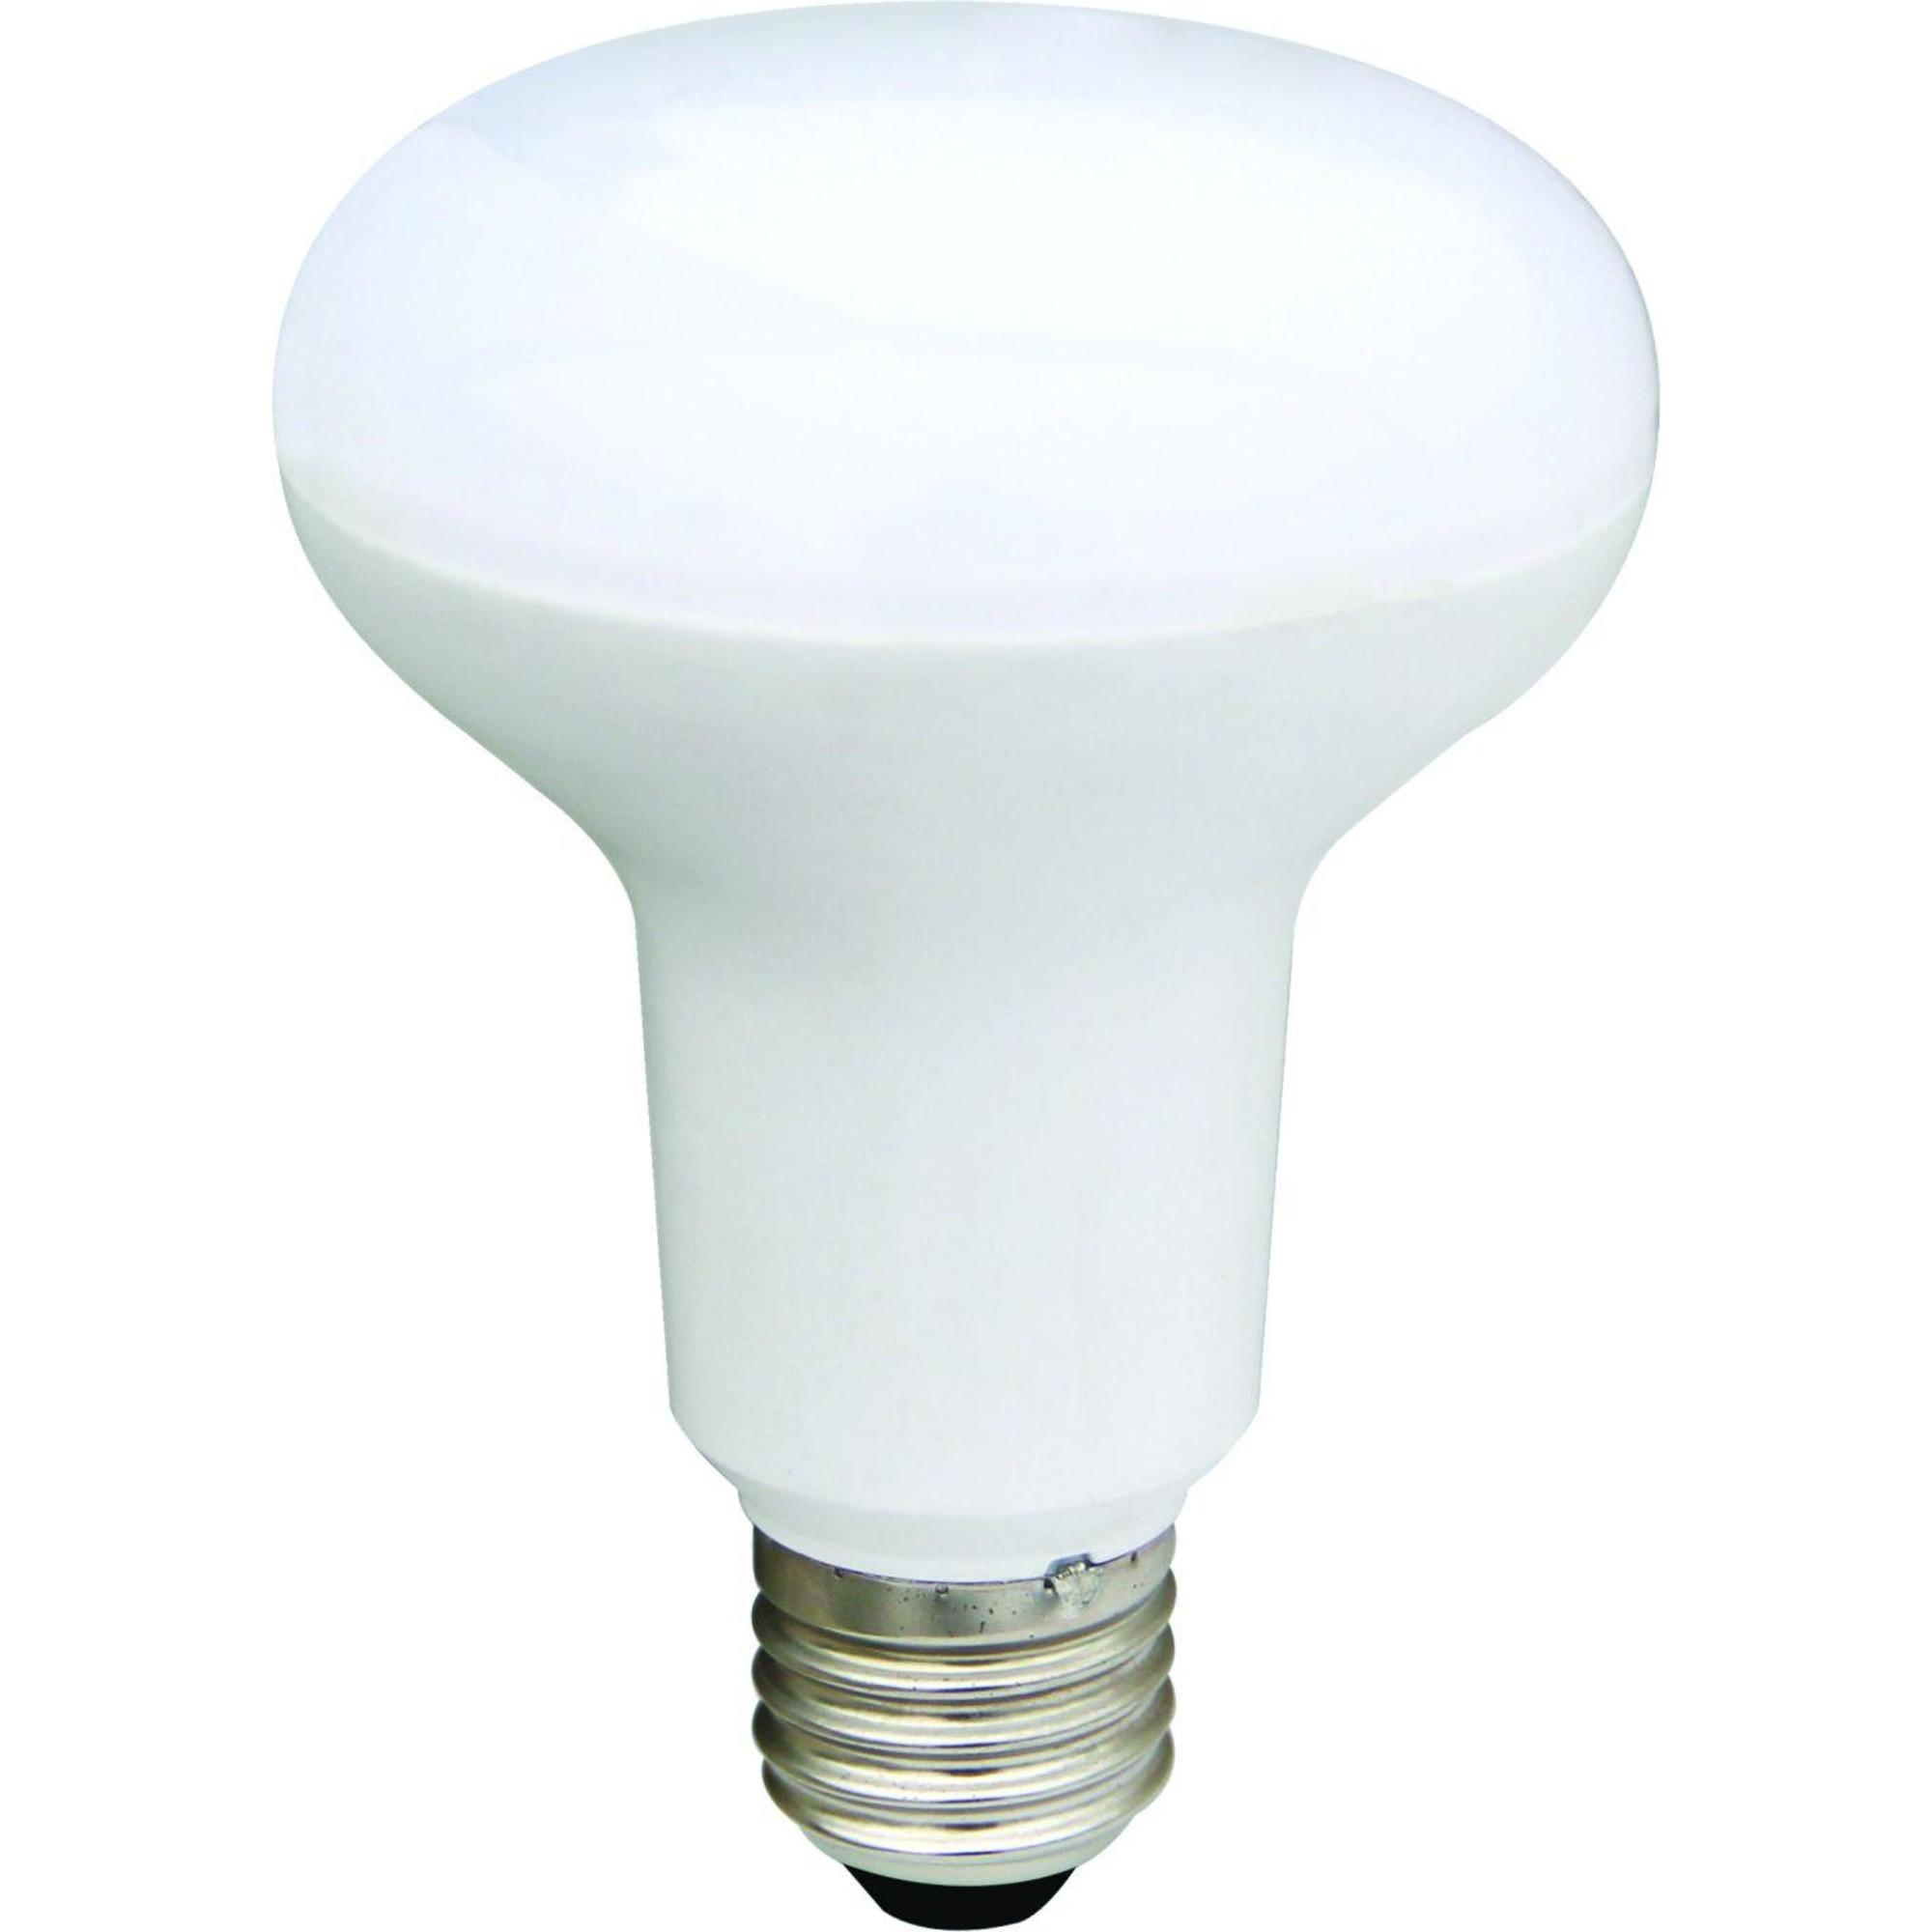 Лампа Ecola Premium светодионая E27 12 Вт рефлекторная 1080 Лм теплый свет